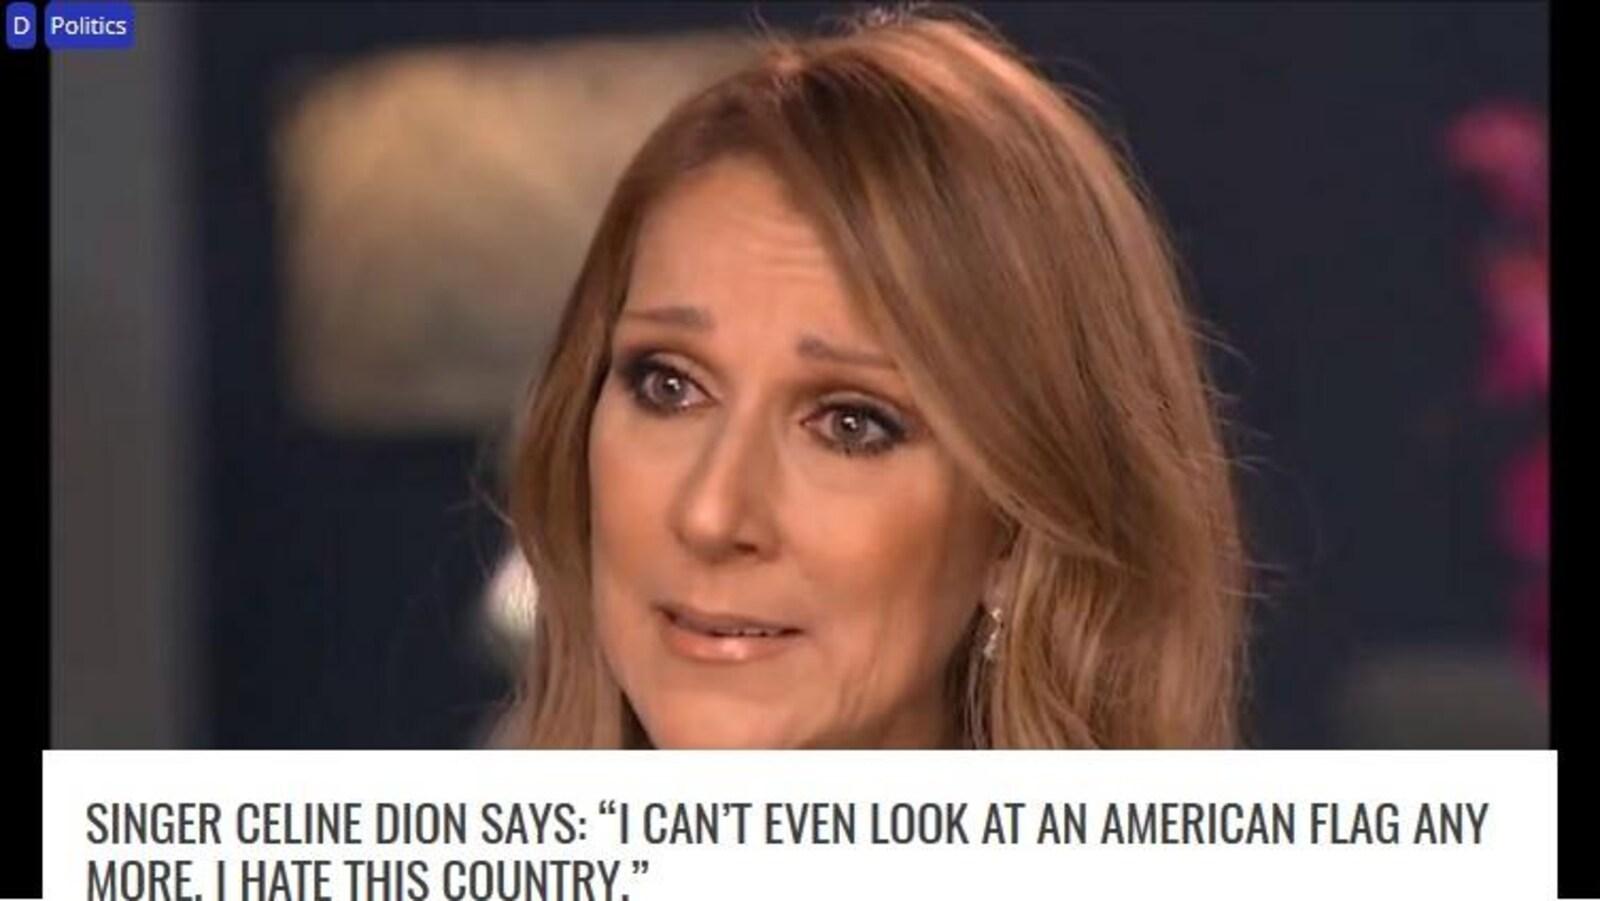 """Capture d'écran d'une fausse nouvelle à propos de Céline Dion. «La chanteuse Céline Dion a dit: """"Je ne peux même plus regarder le drapeau américain. Je déteste ce pays""""», peut-on lire."""